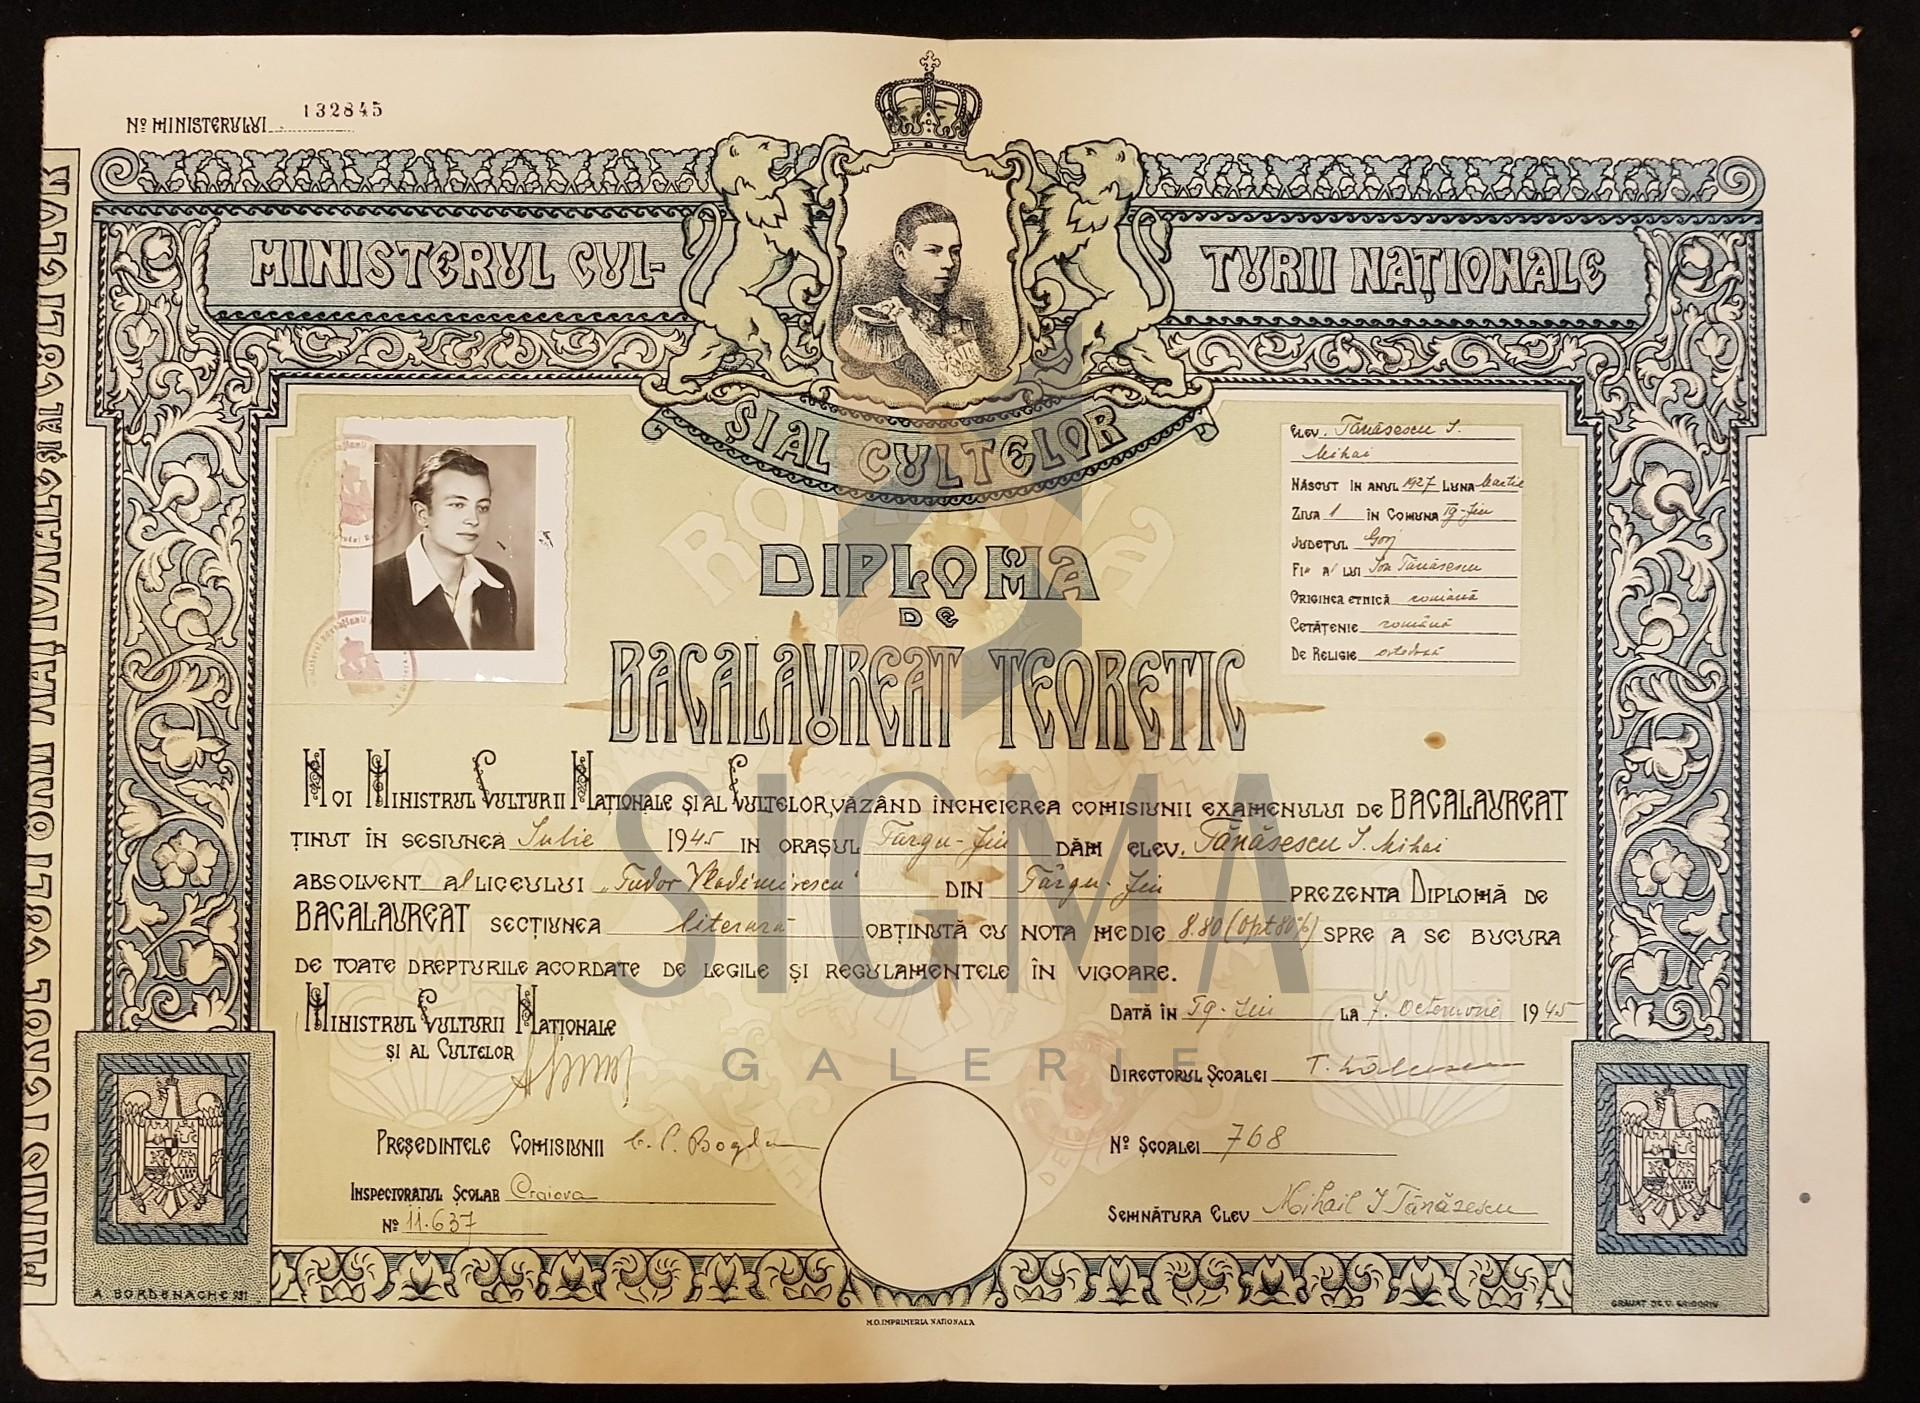 """DIPLOMA DE BACALAUREAT, Sectiunea Literara a Liceului """"TUDOR VLADIMIRESCU"""" din Targu-Jiu, 7 Octombrie 1945"""